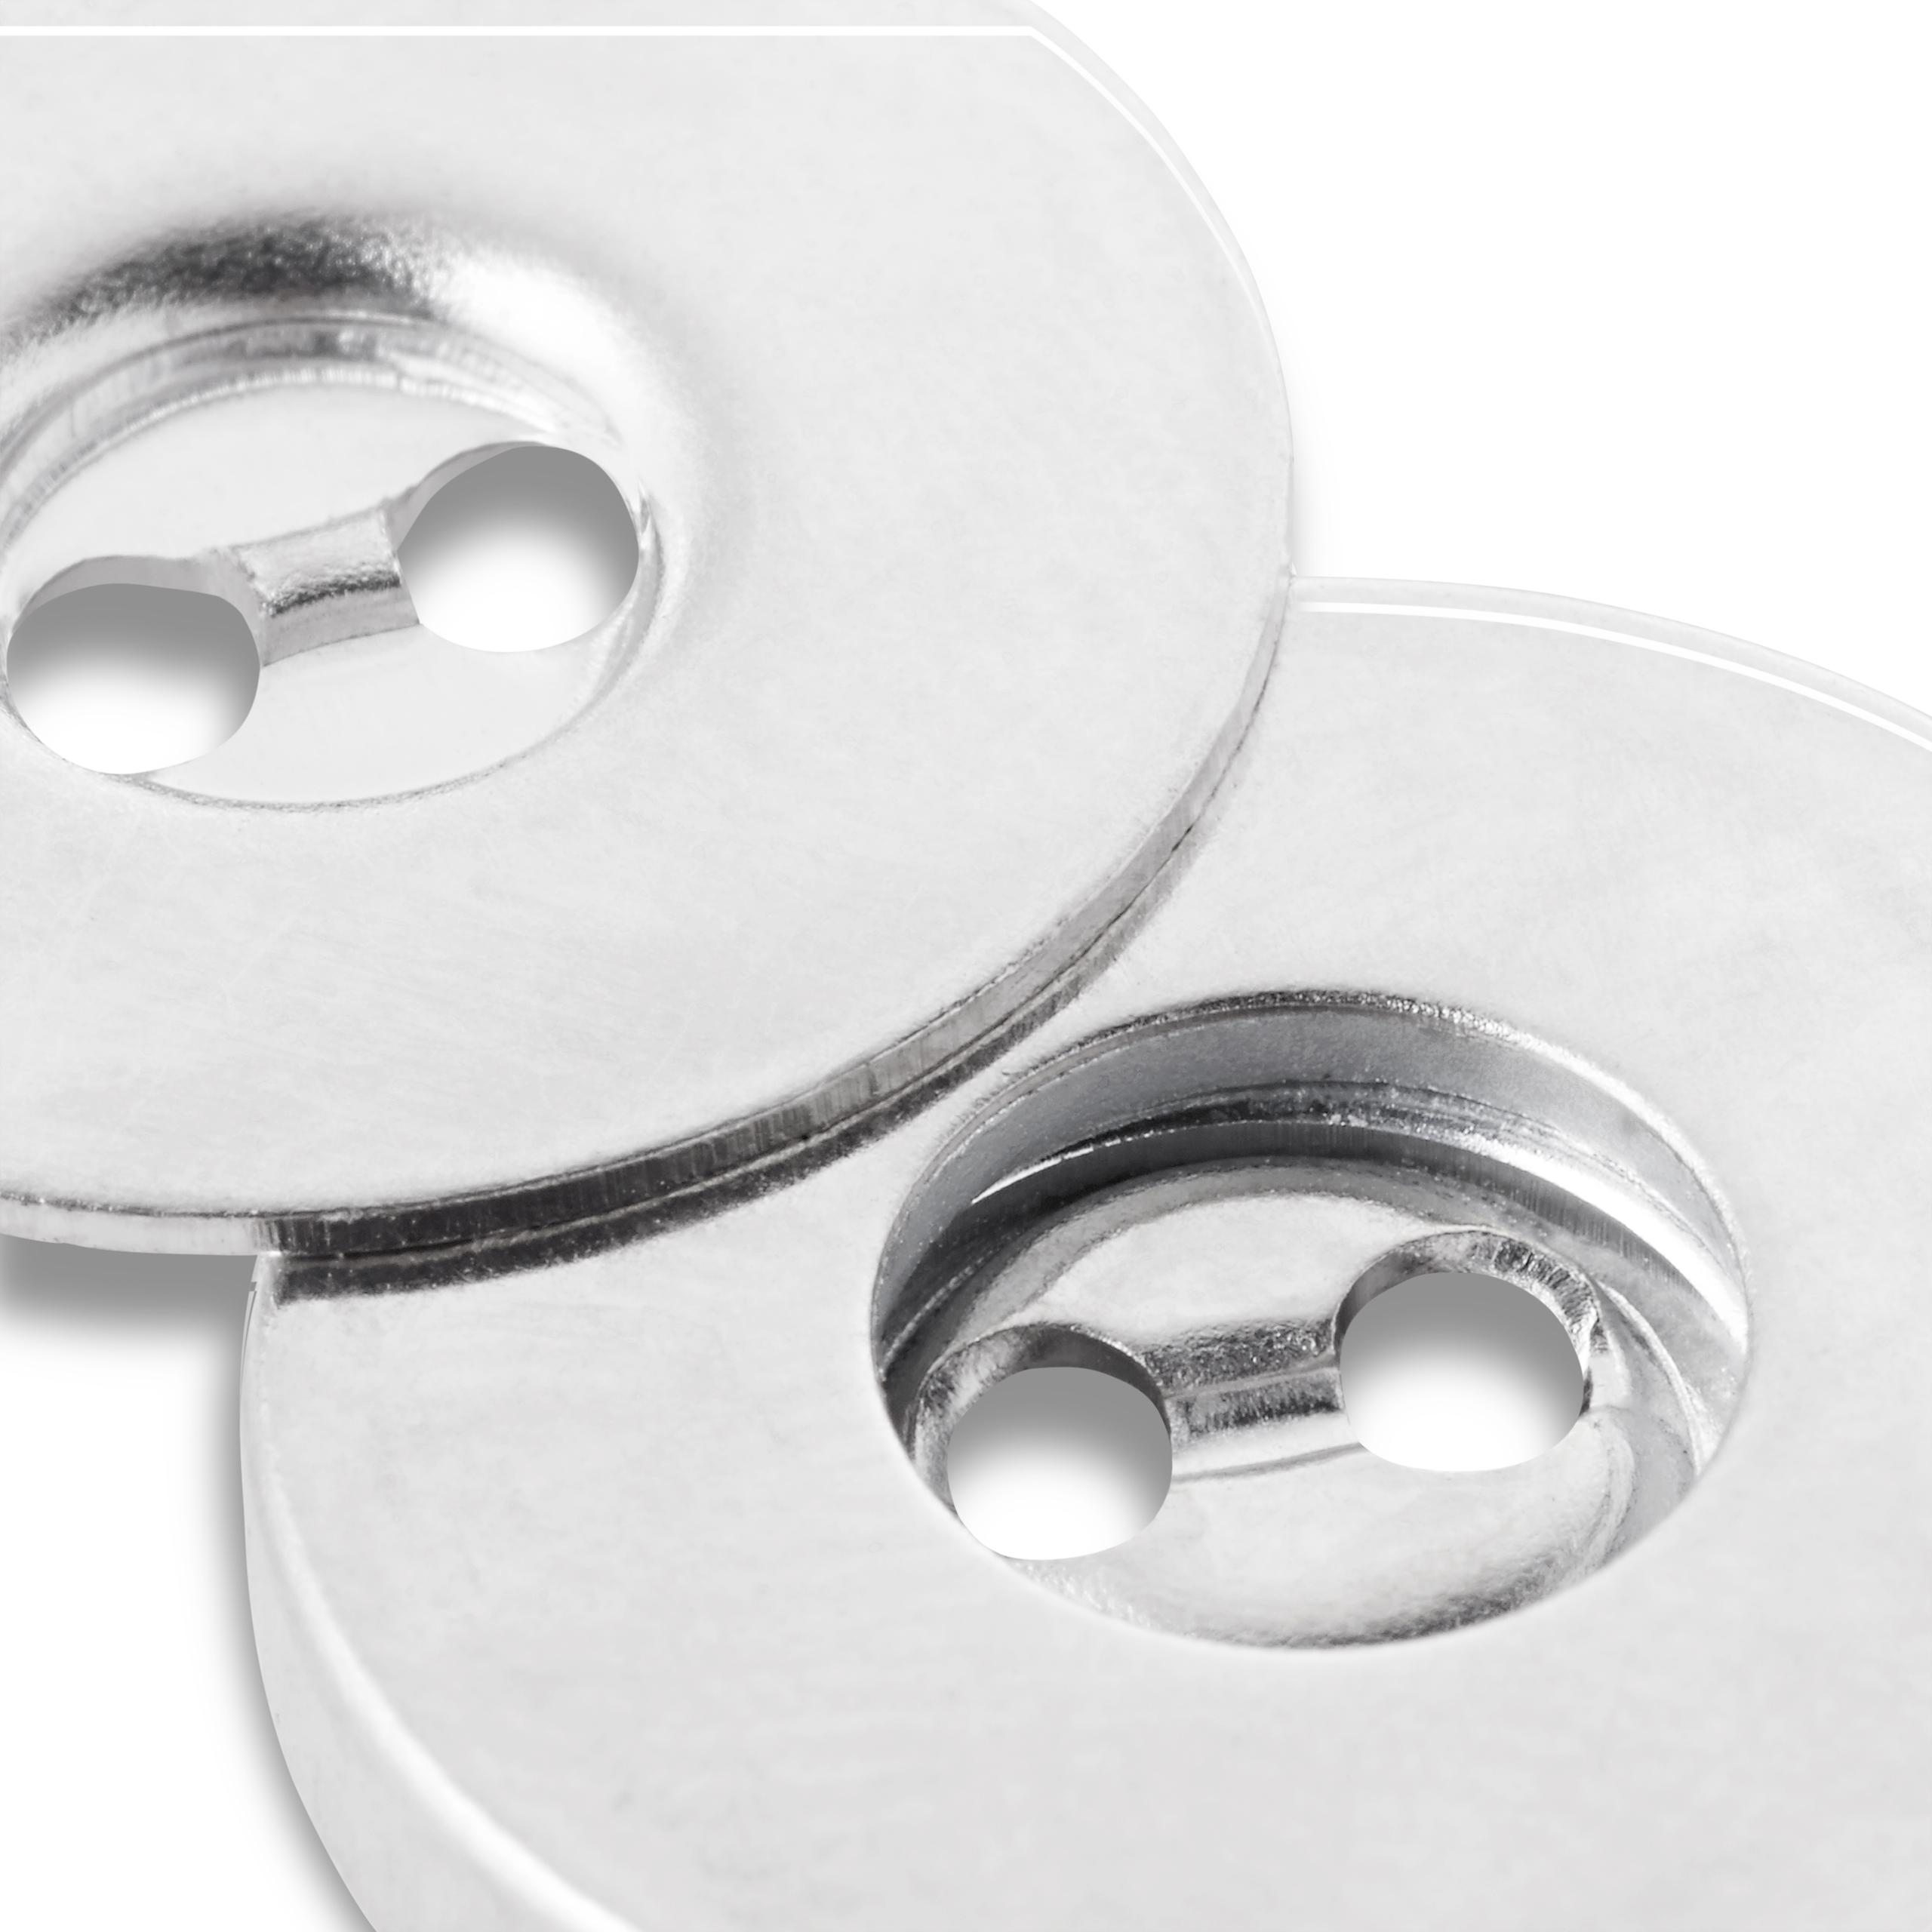 Magnet - Annähknöpfe, altmessing, 3 Stück, Prym - Art. 416472